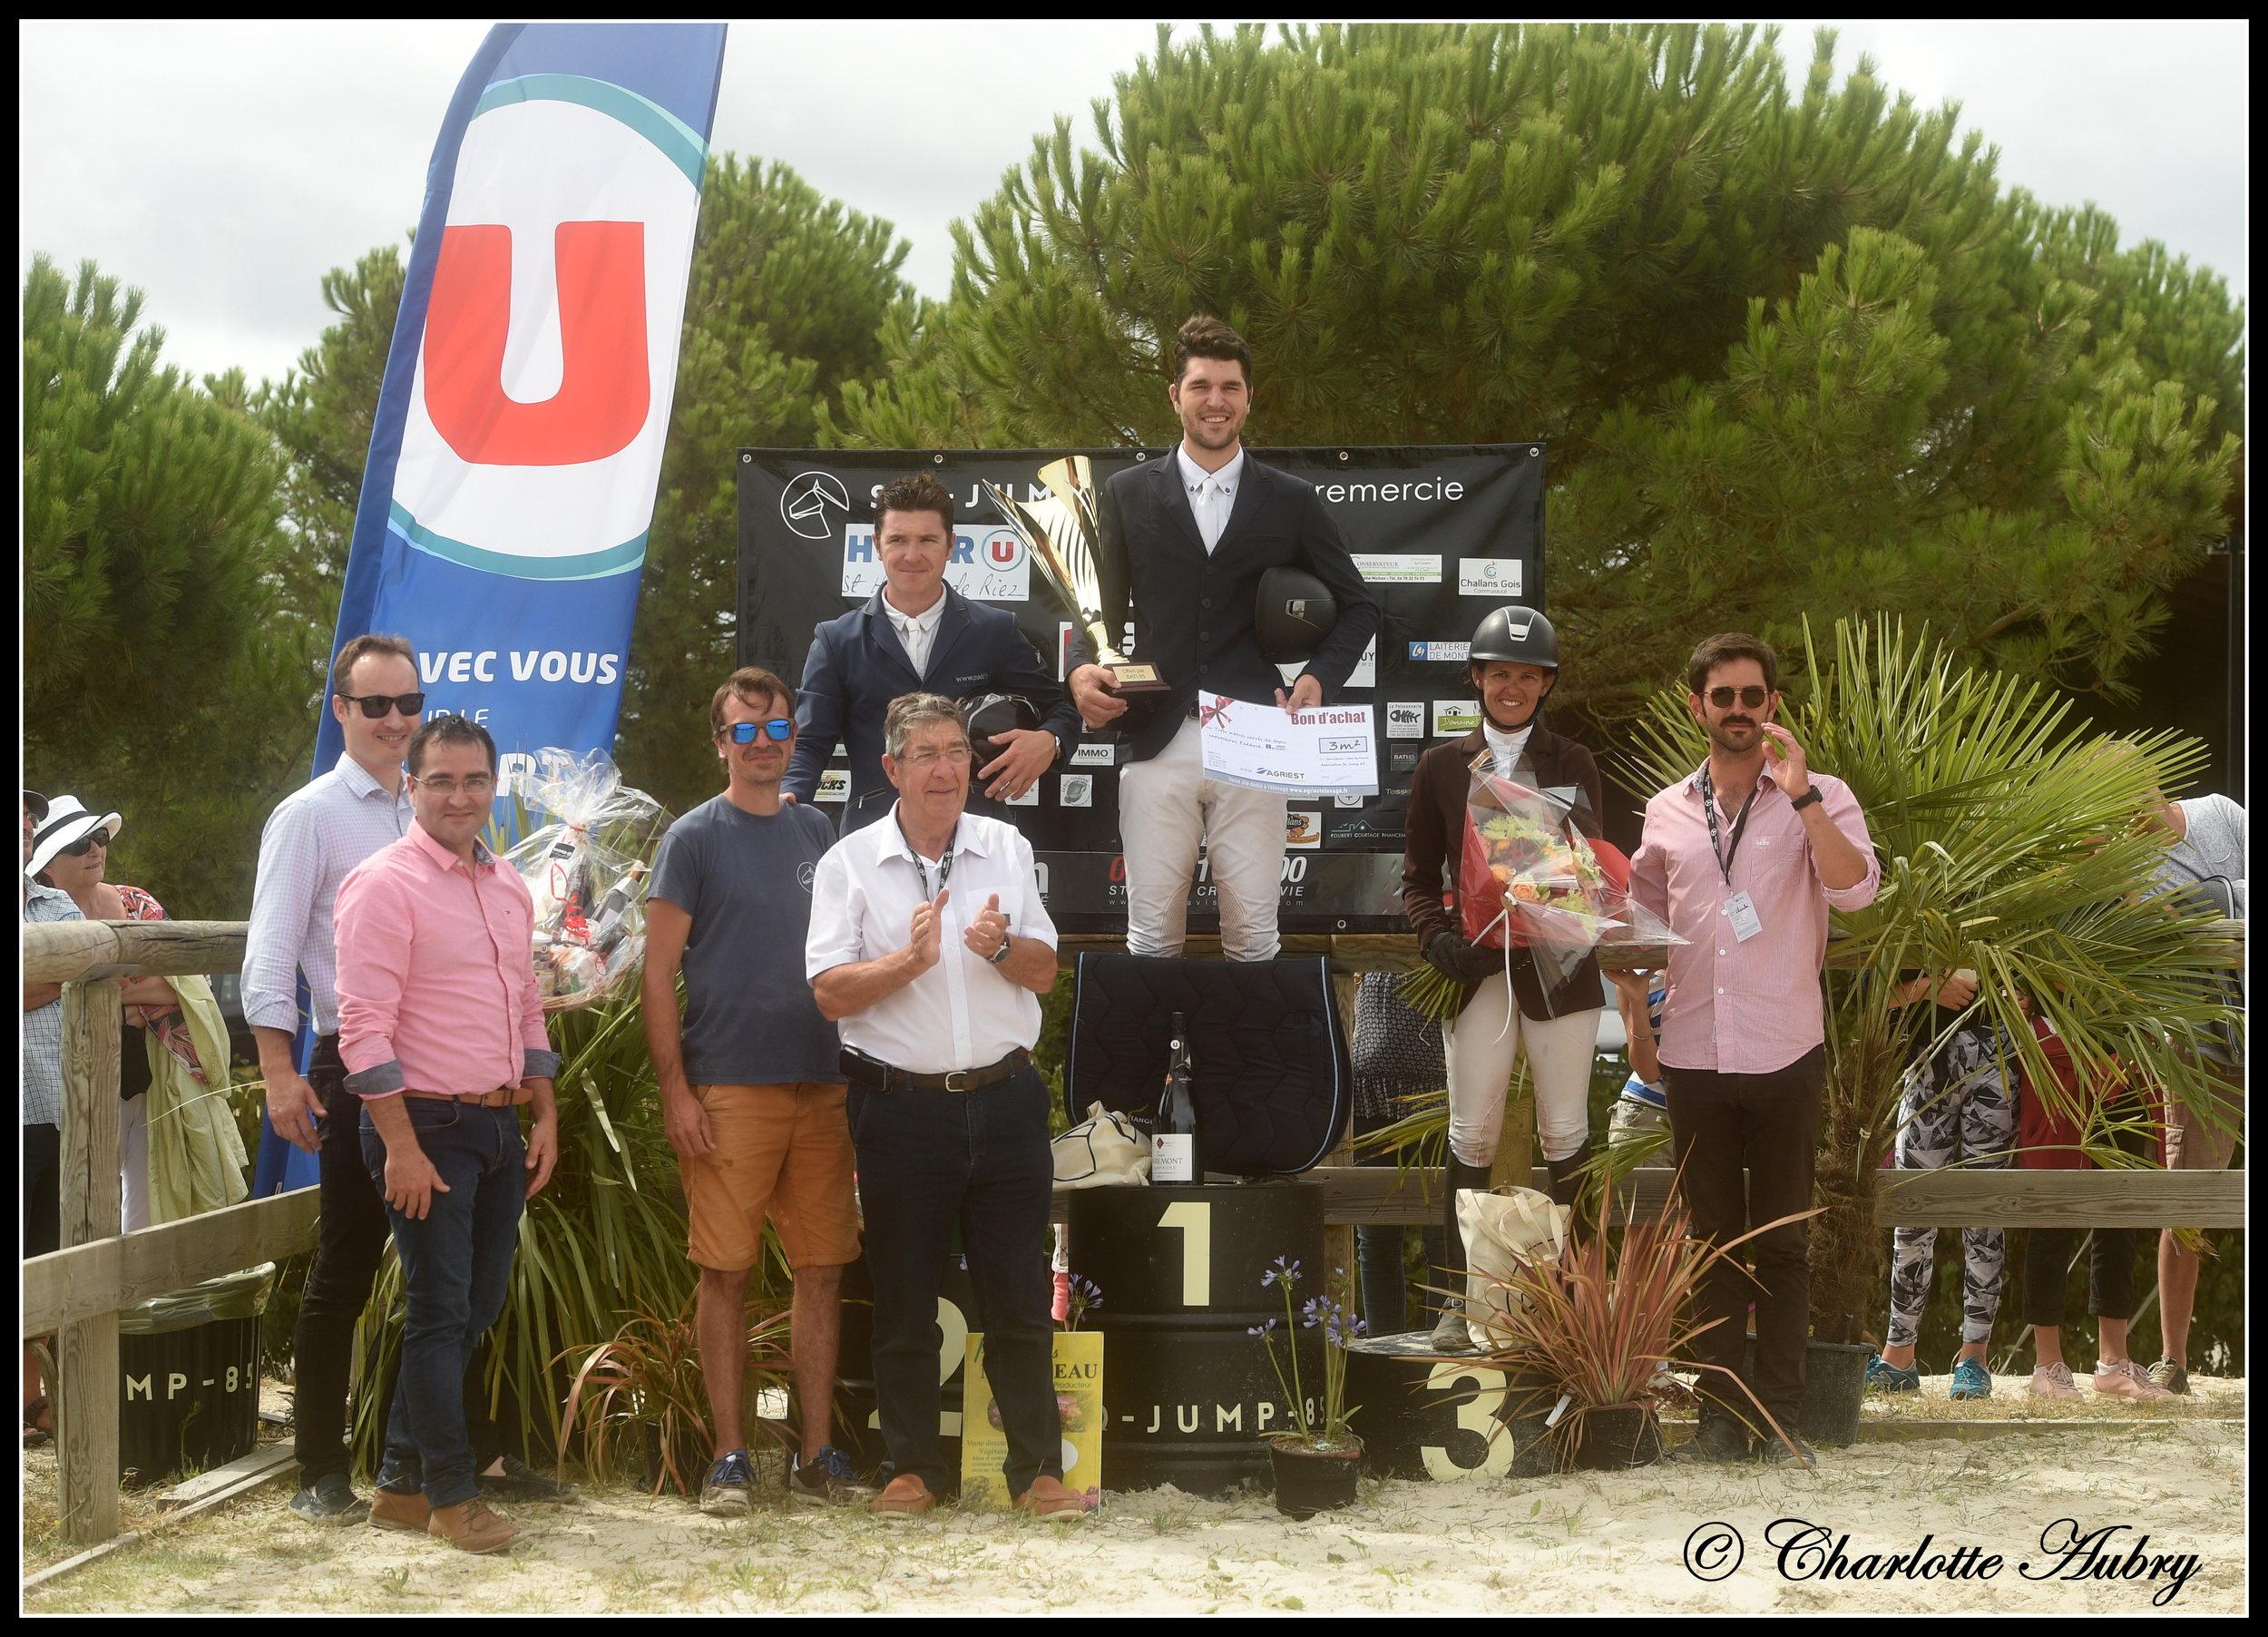 Charles Hubert-Chiché vainqueur du Grand Prix 140 de l'édition 2018